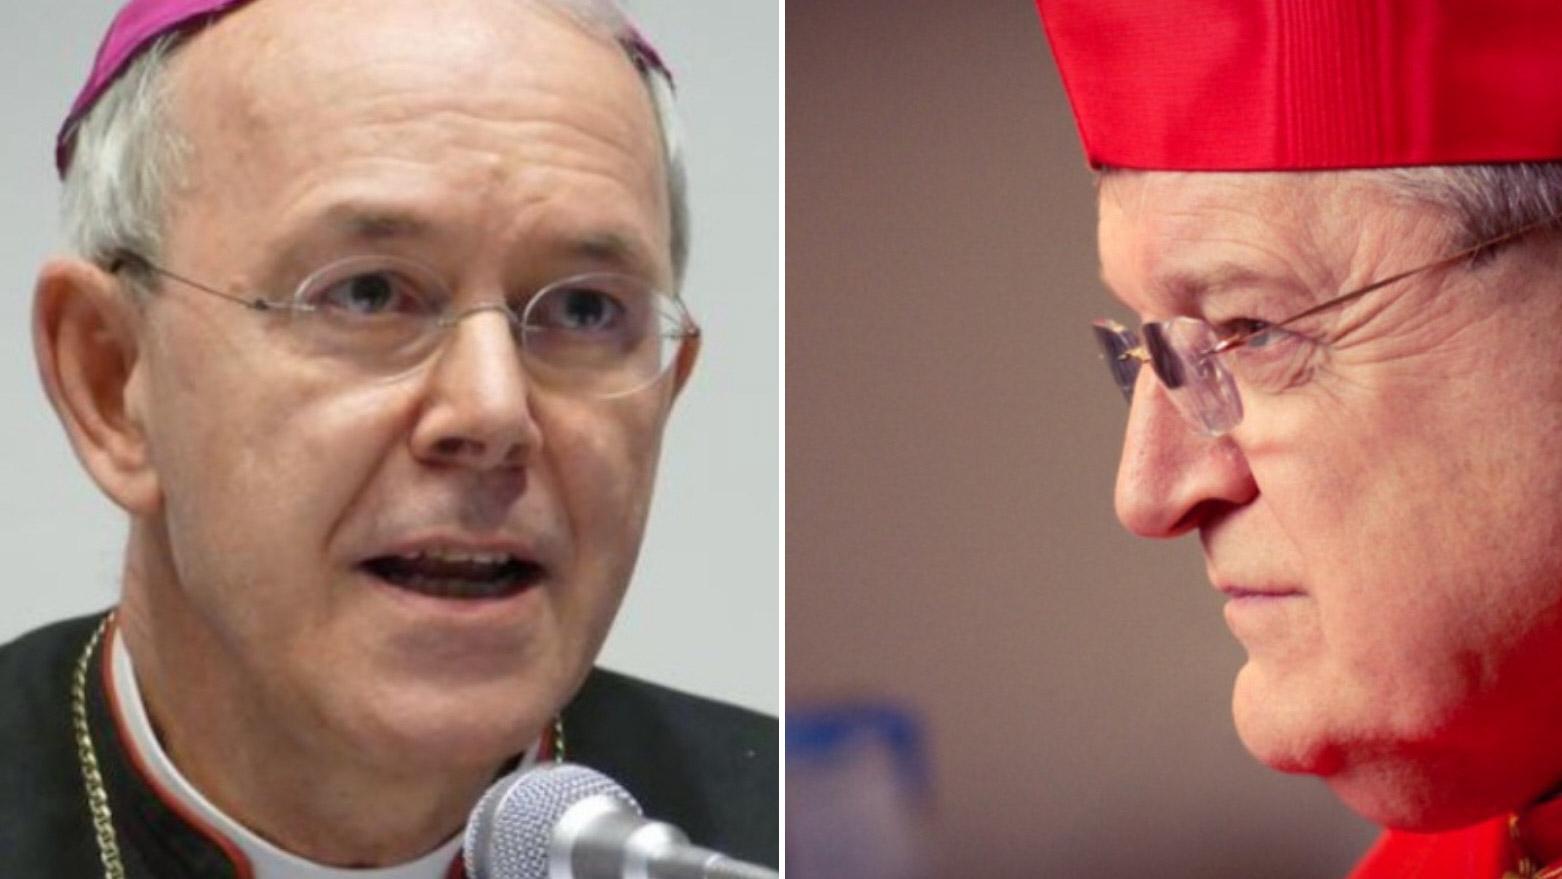 Declaración conjunta del Card. Burke, Mons. Schneider y Arzobispos, de verdades sobre errores en la Iglesia de nuestro tiempo